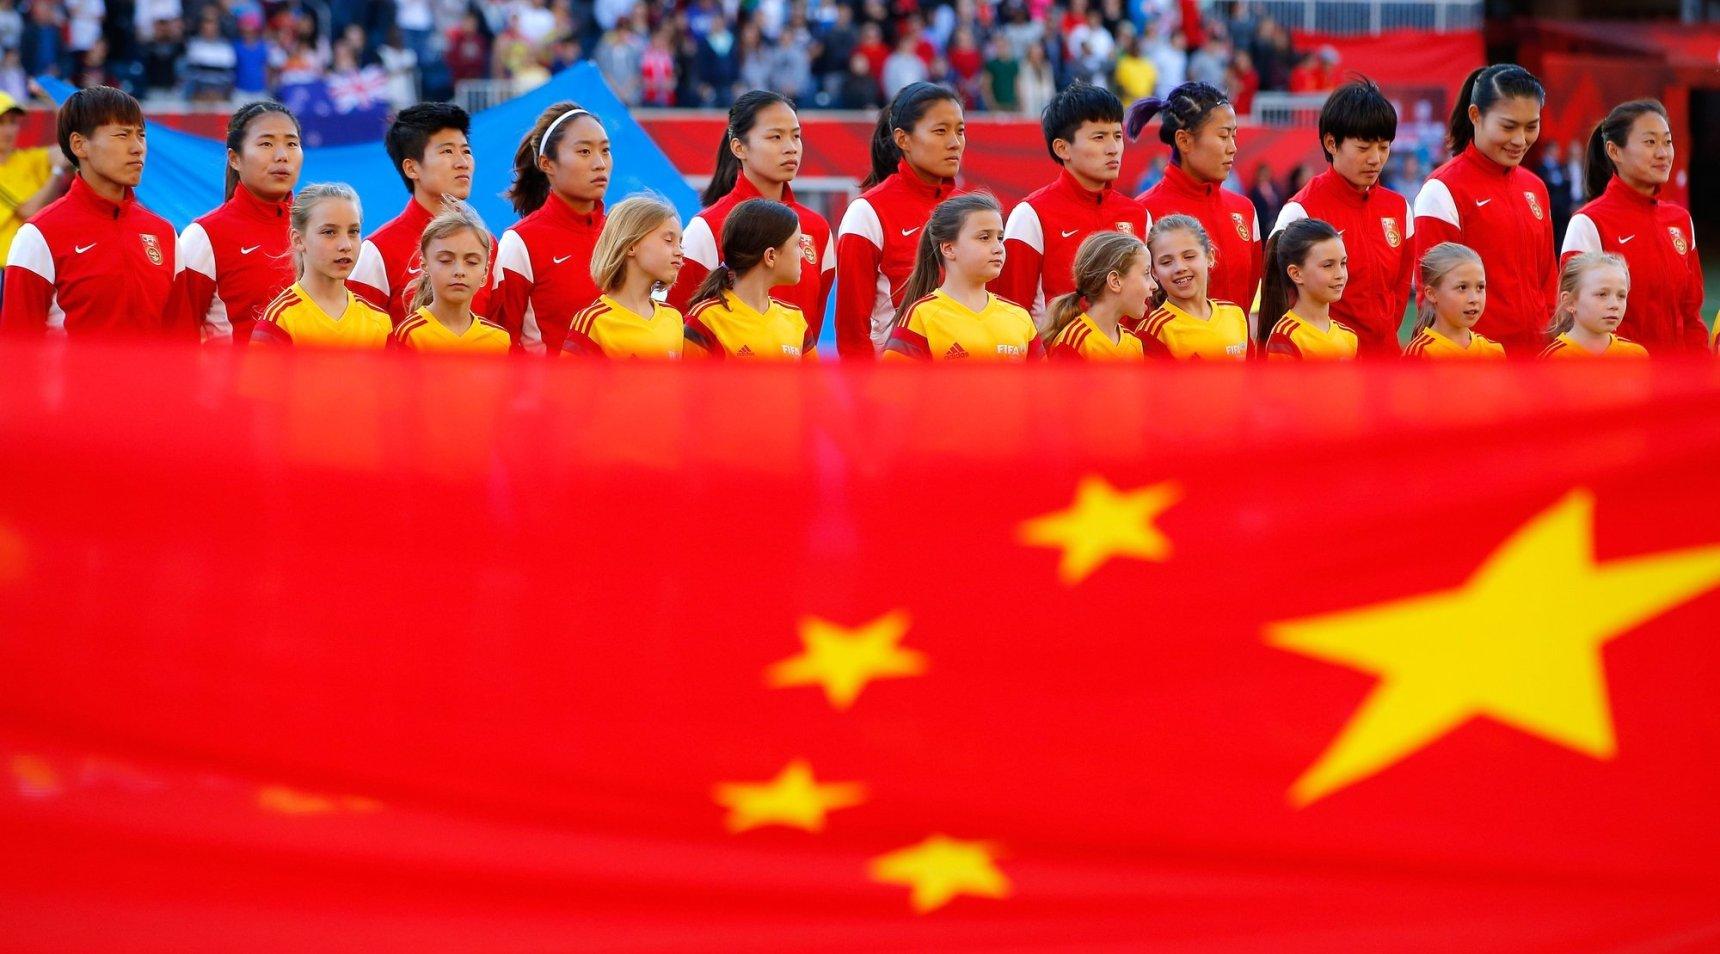 Китай вышет в четвертьфинал Чемпионата мира по футболу среди женщин в 2015 году. Фото: Getty Images